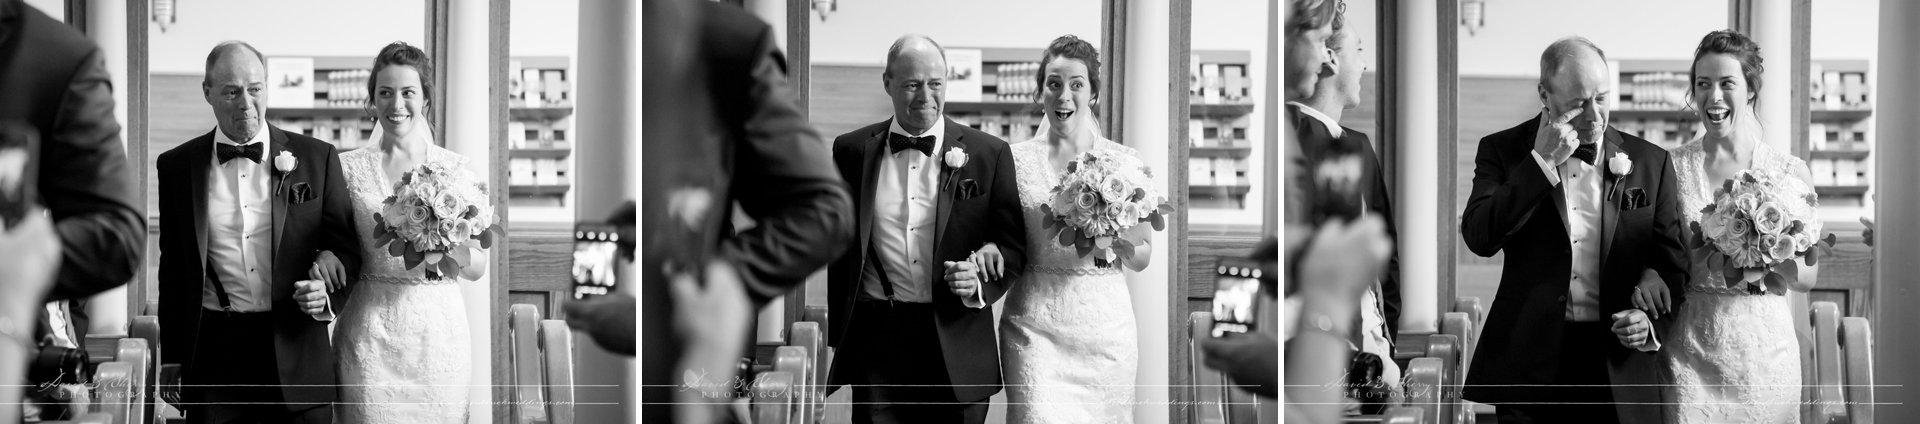 Craigleith_Ski_Club_Wedding_010